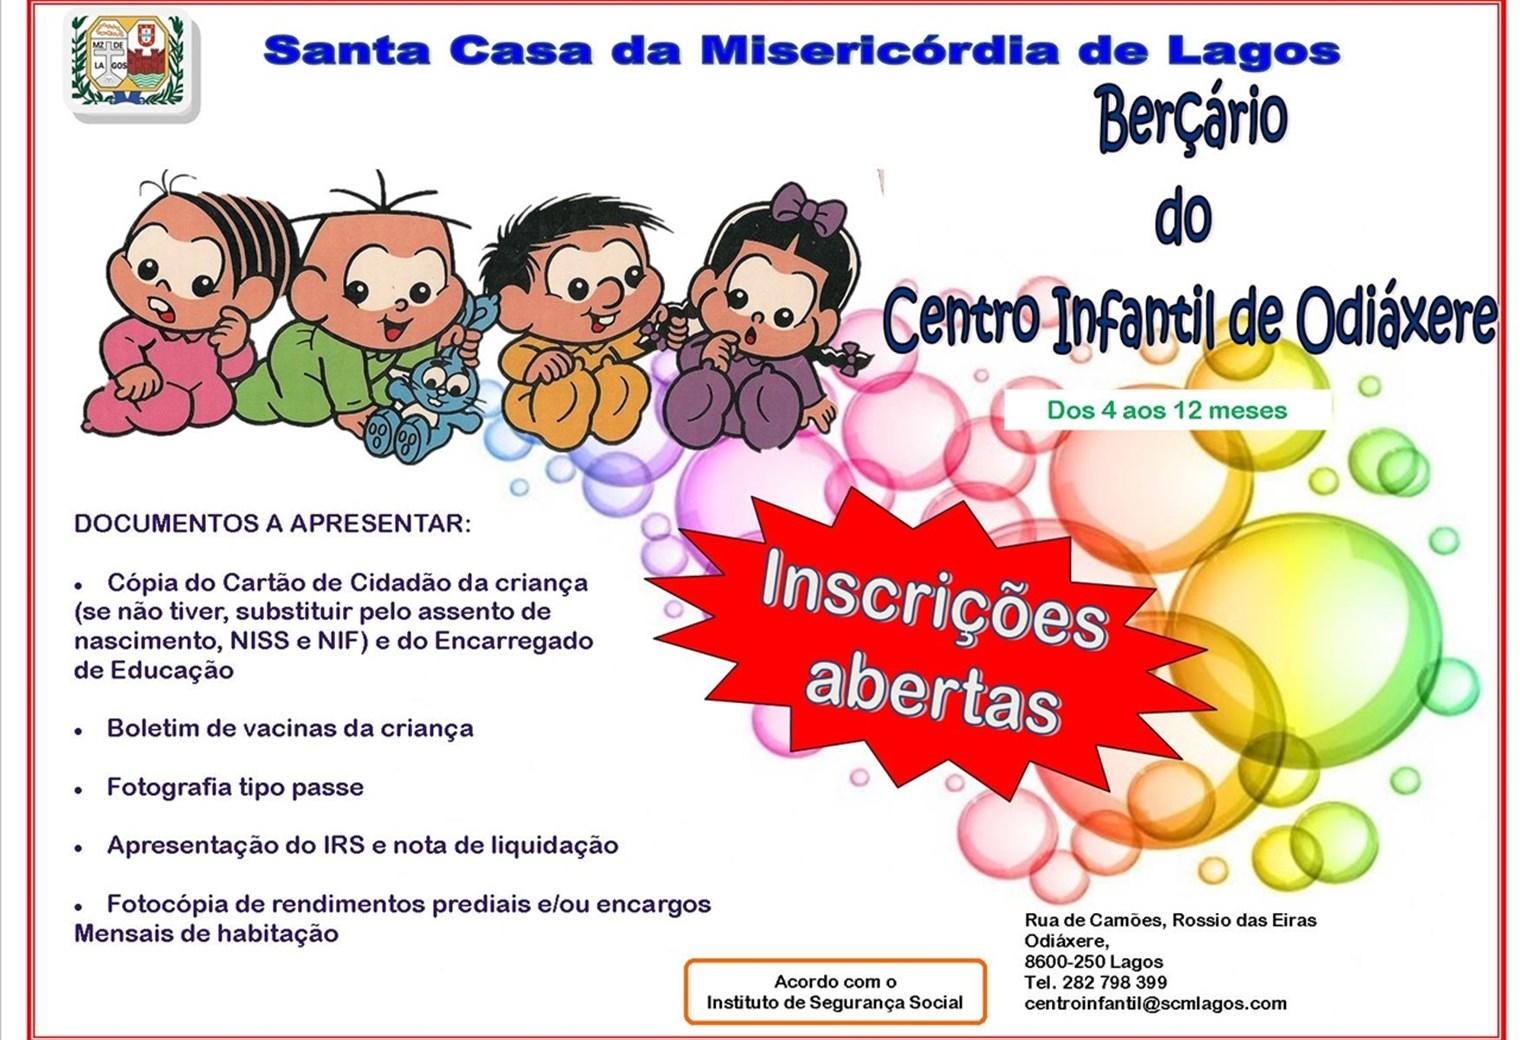 Estão abertas as inscrições para o Berçário do Centro Infantil de Odiáxere